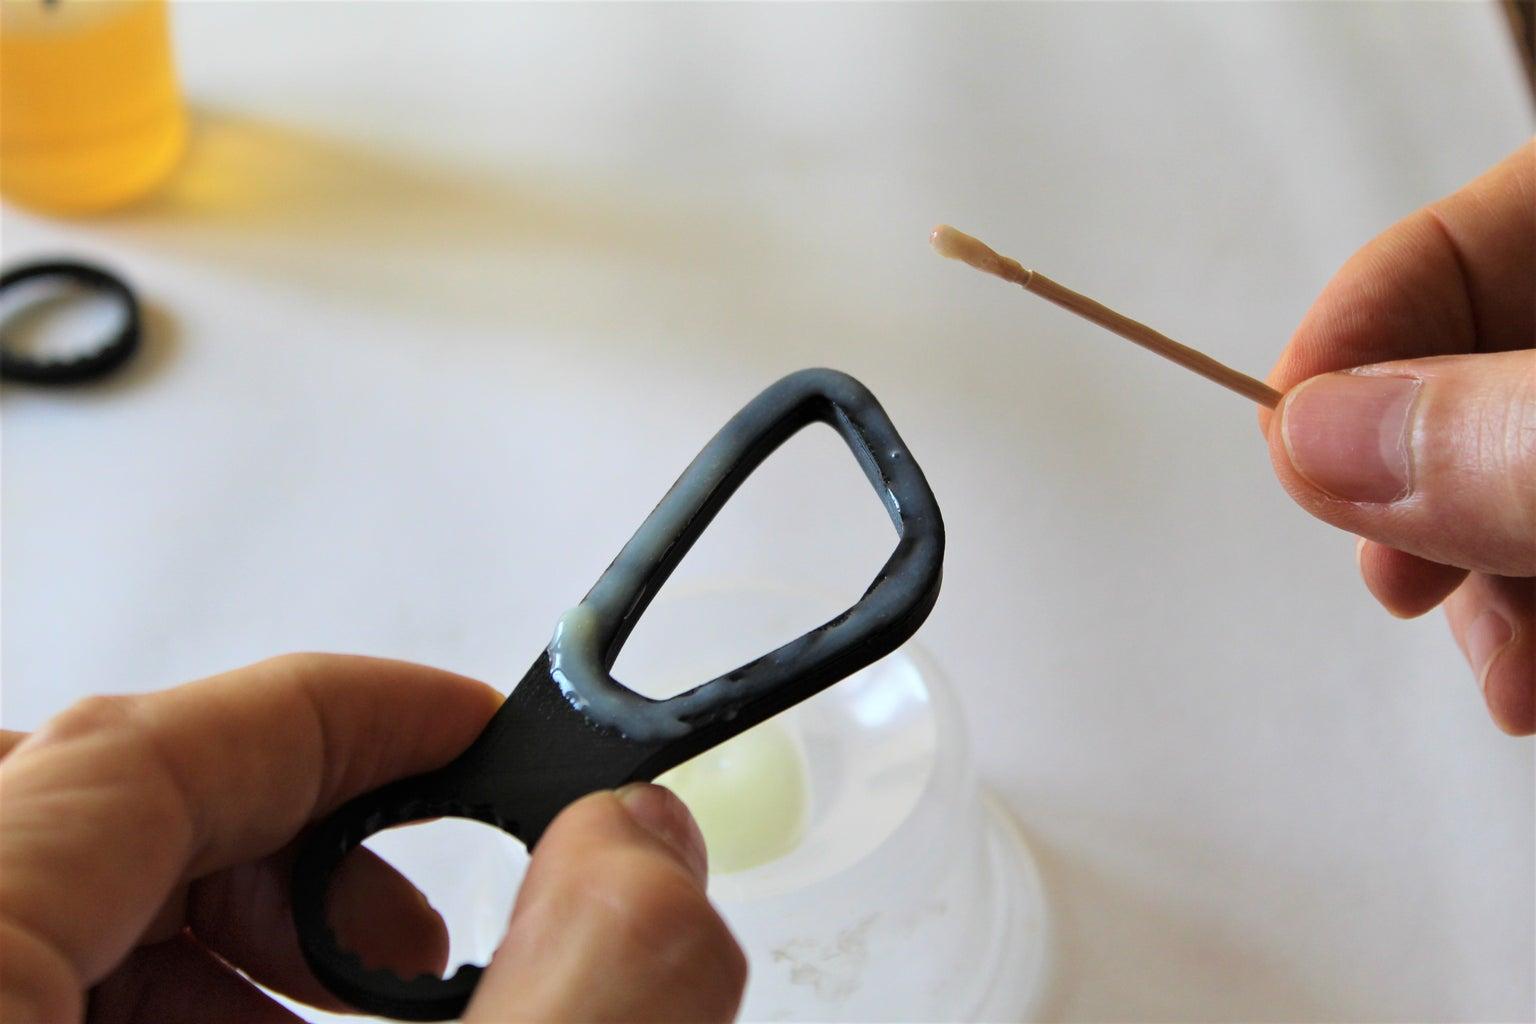 Gluing the Lens Holder